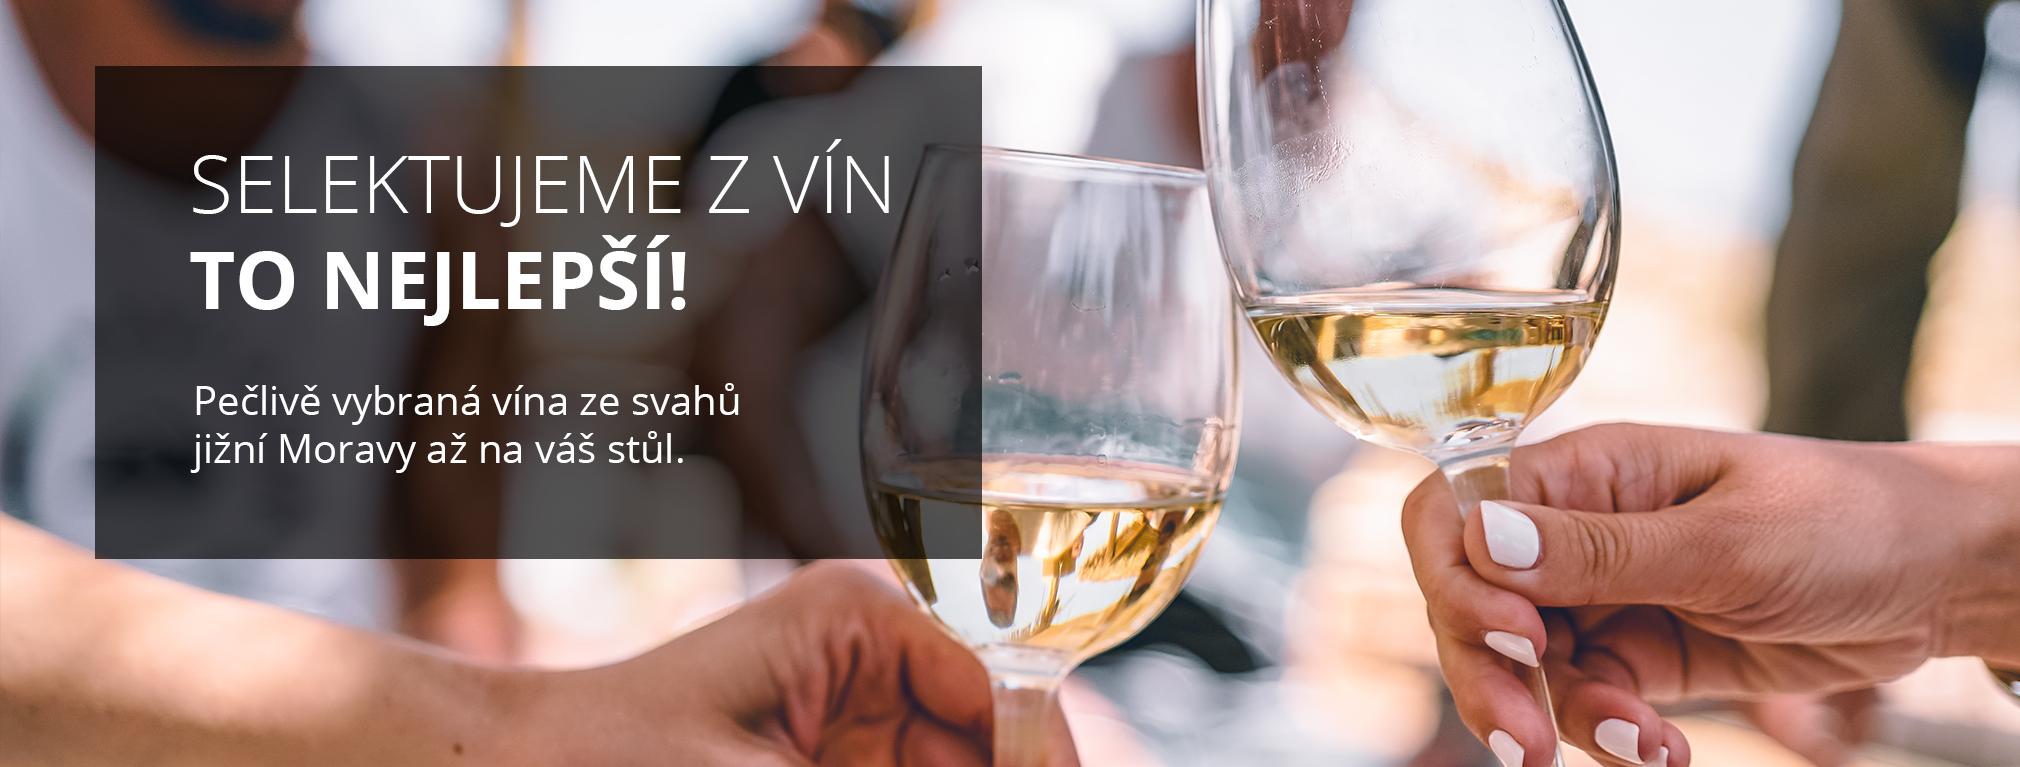 Selektujeme z vín to nejlepší!